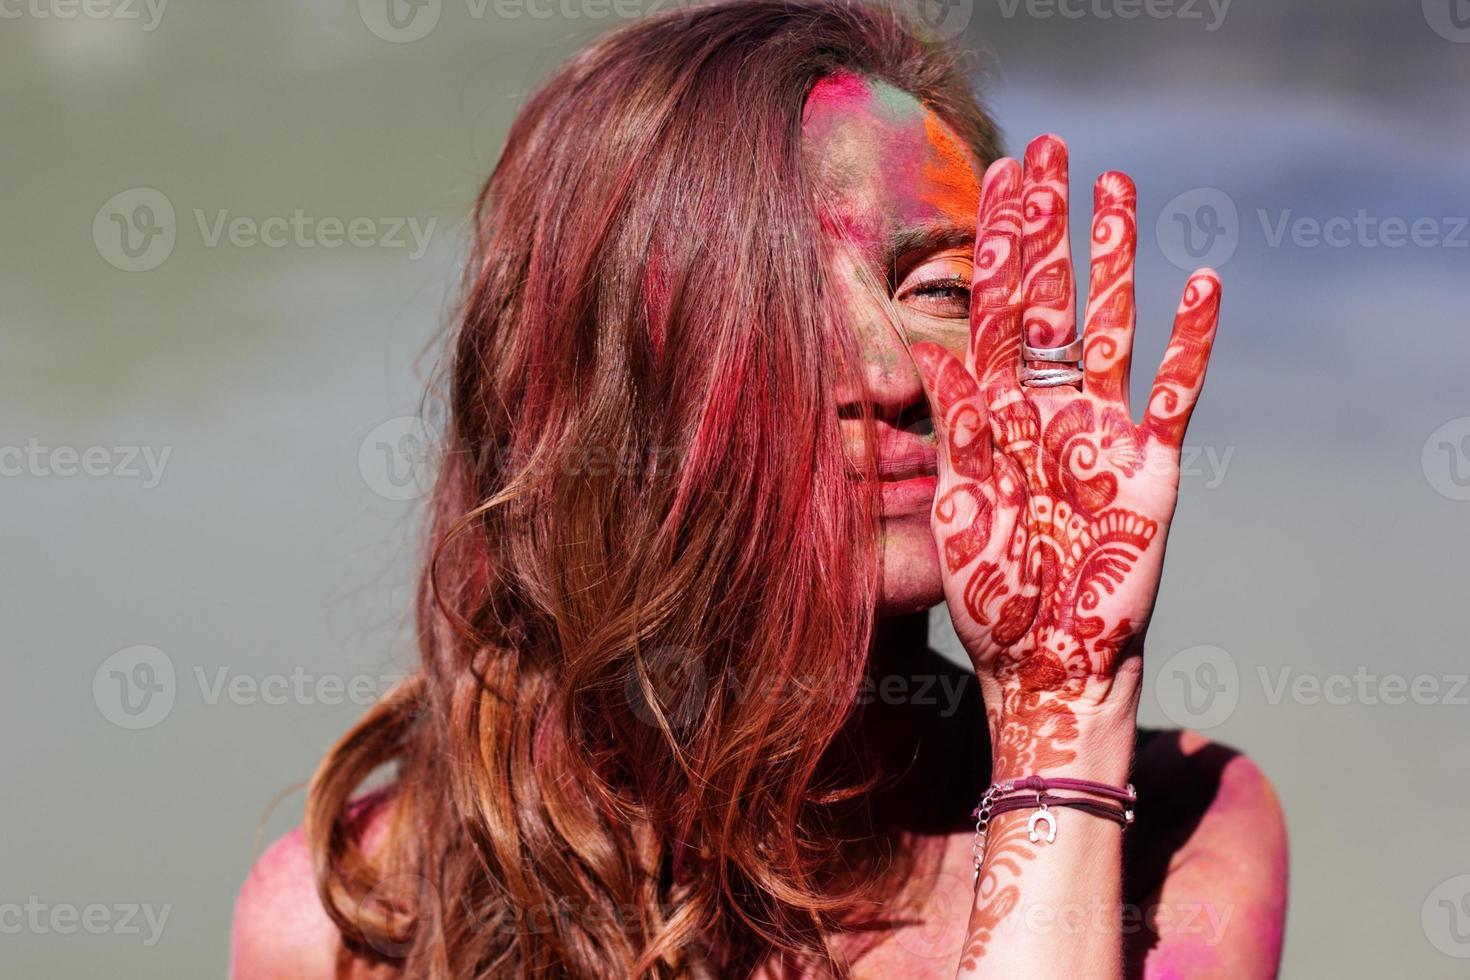 meisje met kleurrijke verf op haar gezicht, india foto